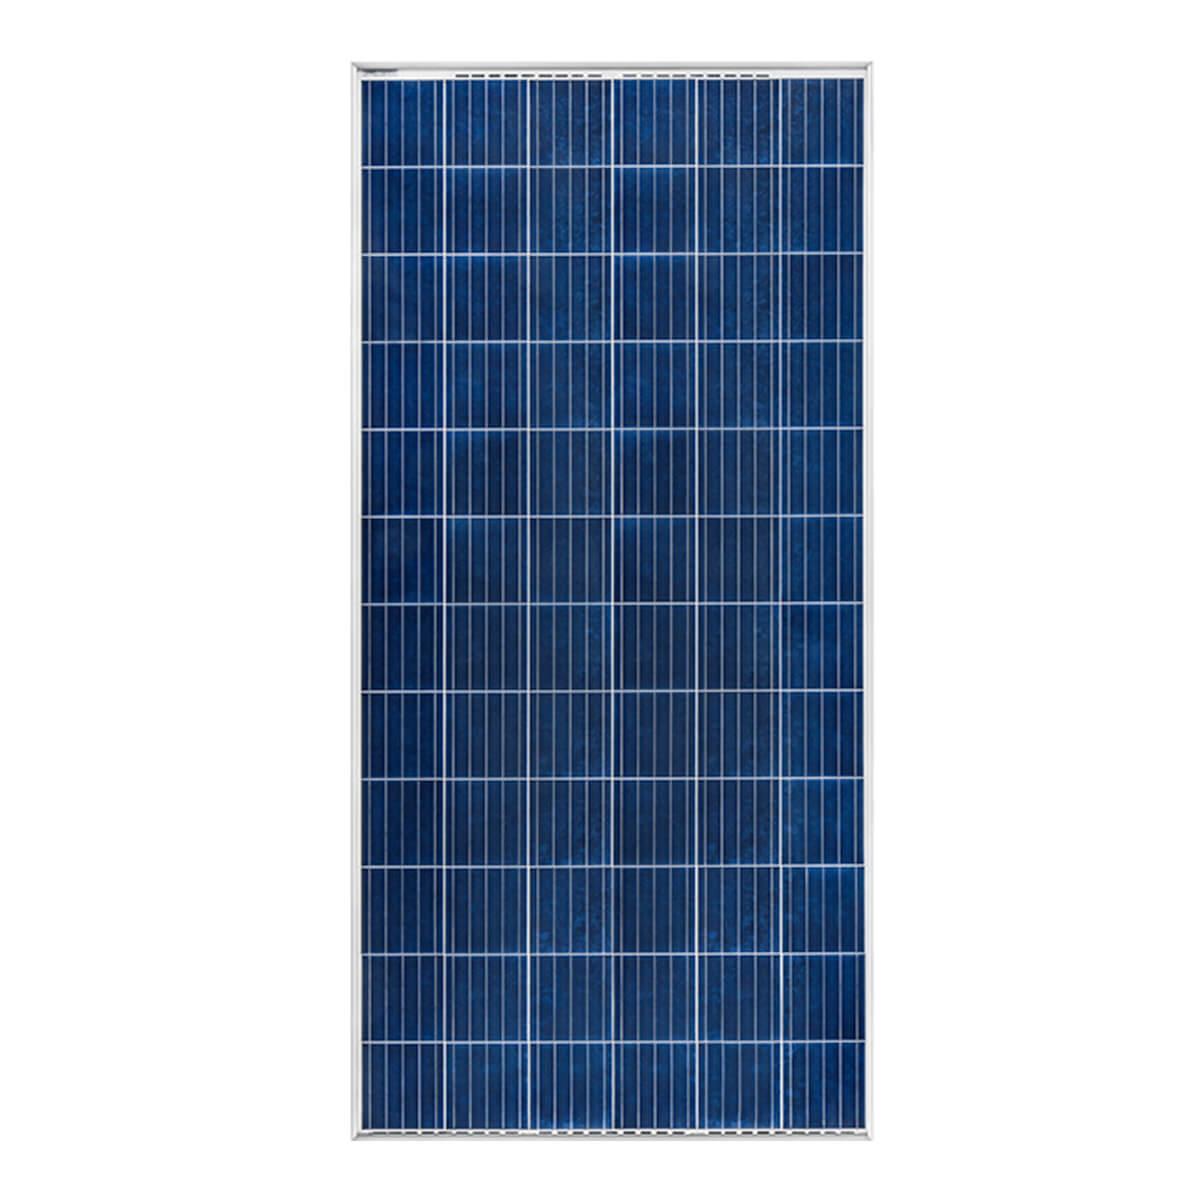 plurawatt 335W panel, plurawatt 335Watt panel, plurawatt 335 W panel, plurawatt 335 Watt panel, plurawatt 335 Watt polikristal panel, plurawatt 335 W watt gunes paneli, plurawatt 335 W watt polikristal gunes paneli, plurawatt 335 W Watt fotovoltaik polikristal solar panel, plurawatt 335W polikristal gunes enerjisi, plurawatt dc-72-335W panel, PLURAWATT 335 WATT